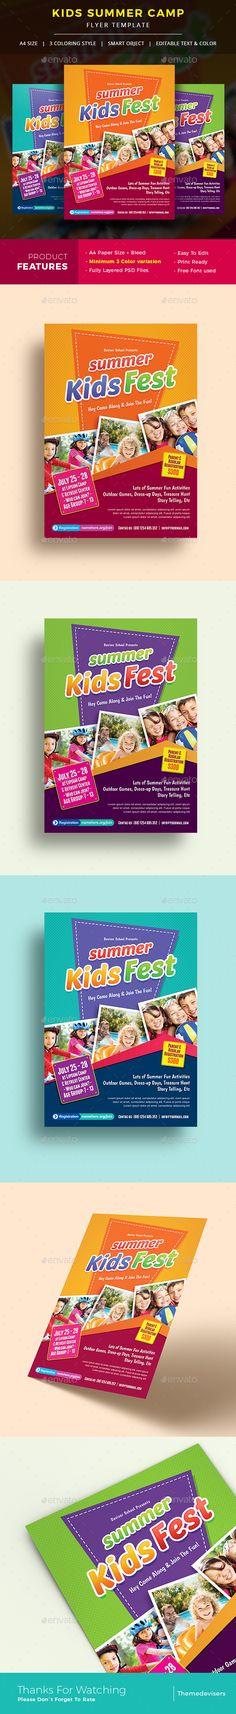 Kids Summer Camp Flyer Template PSD Flyer Templates Pinterest - camp flyer template